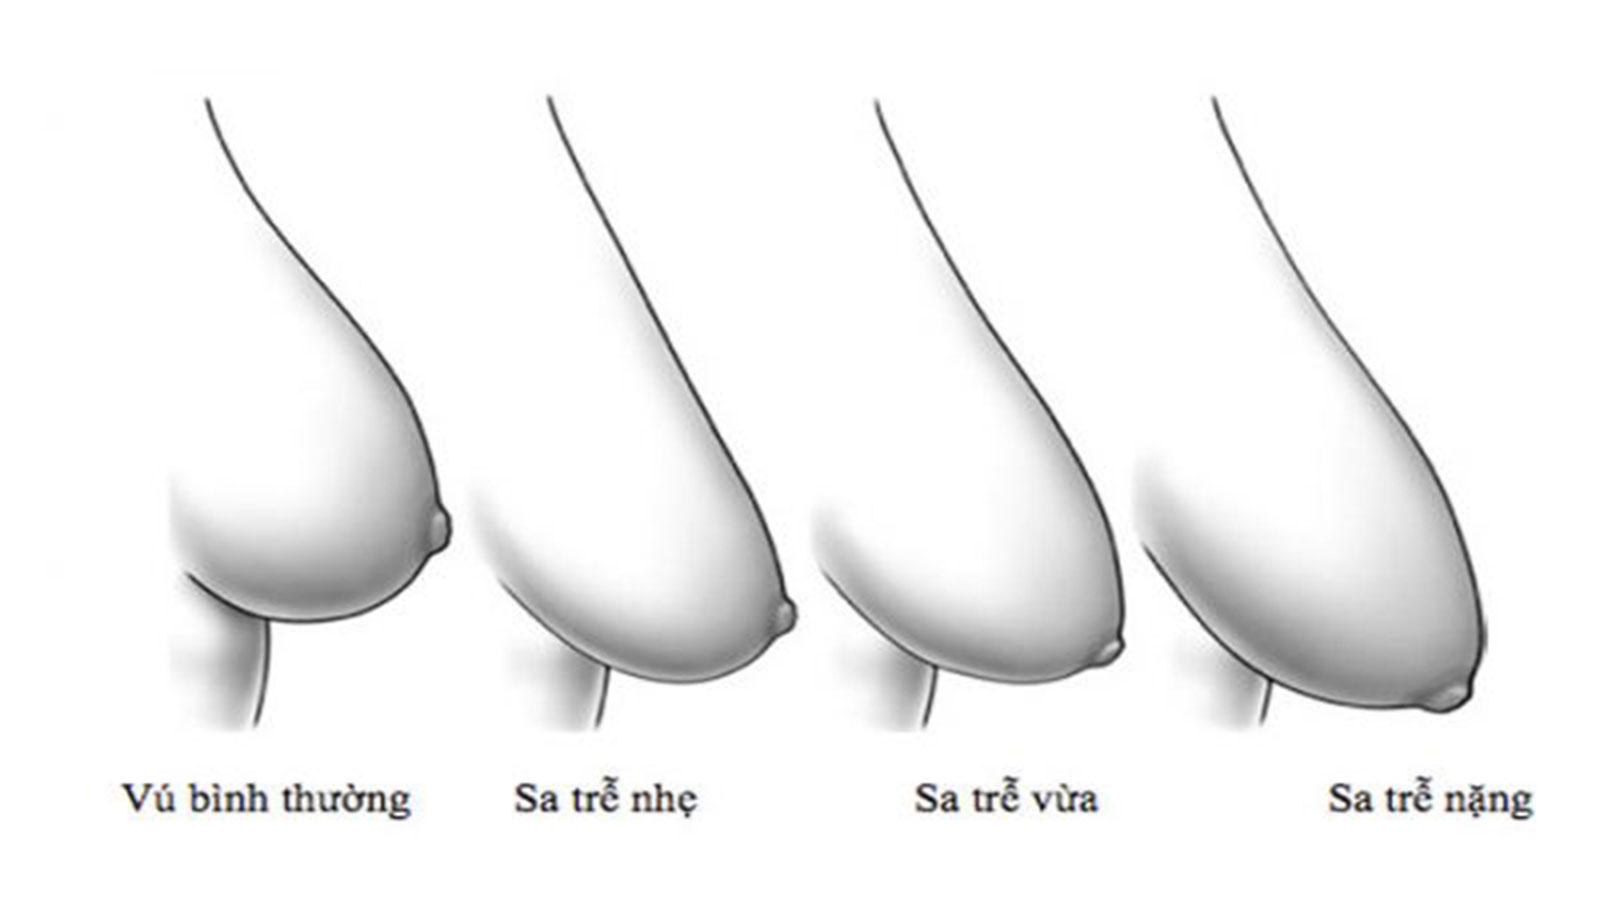 Các mức độ ngực sa trễ